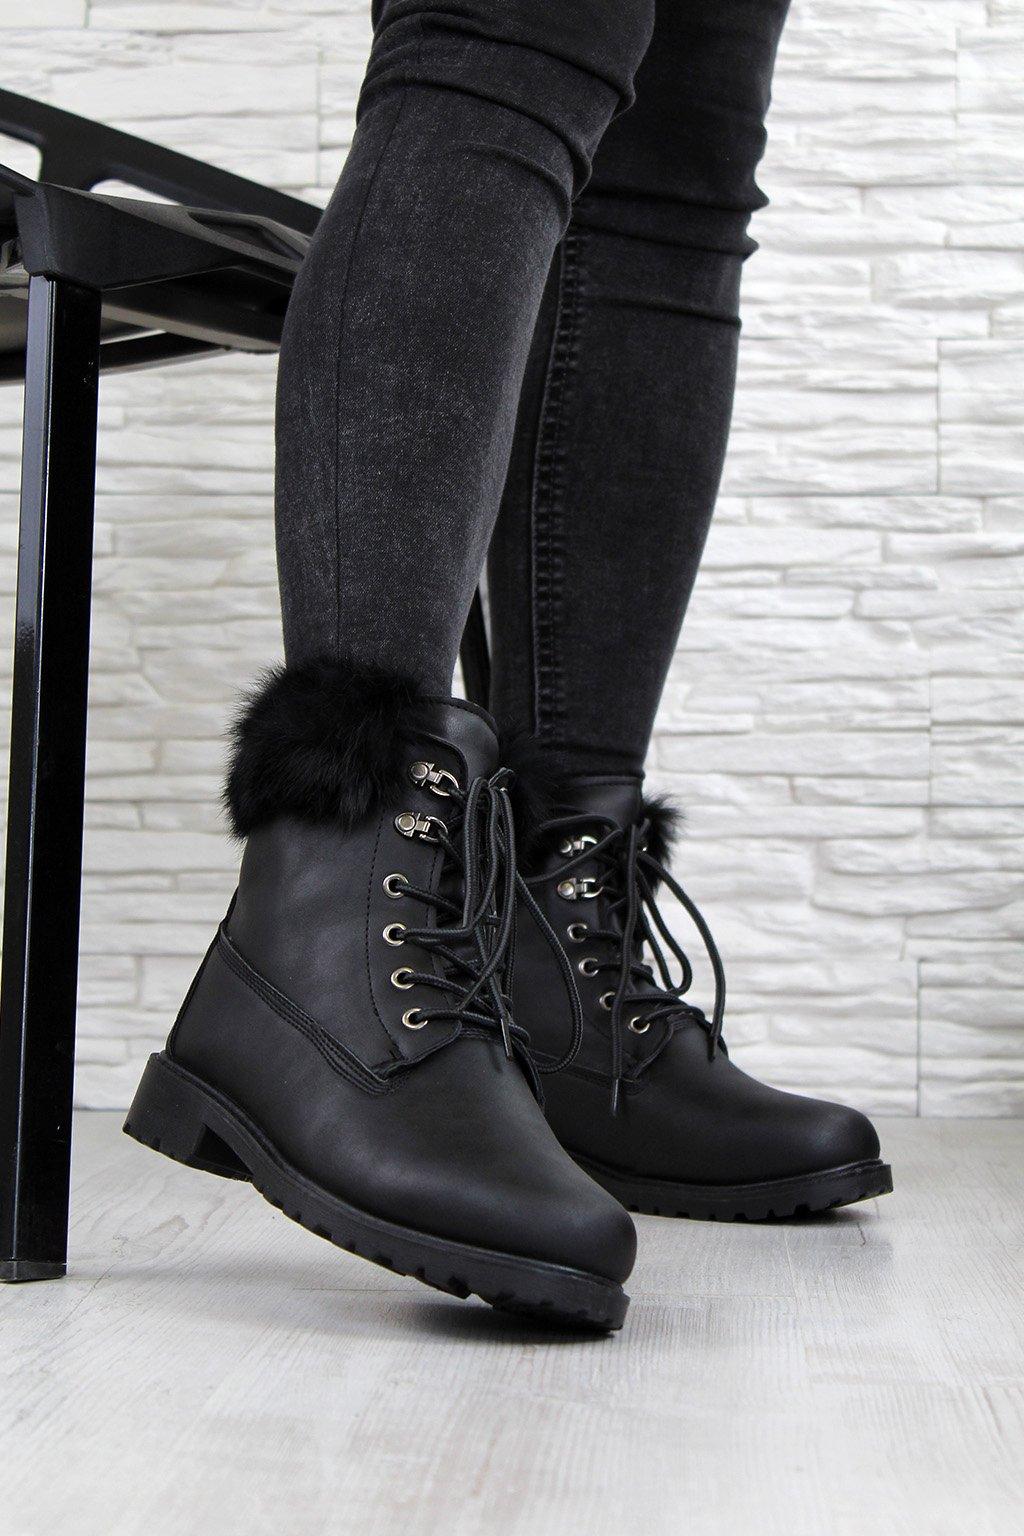 606 1B Zimní boty s kožichem (3)